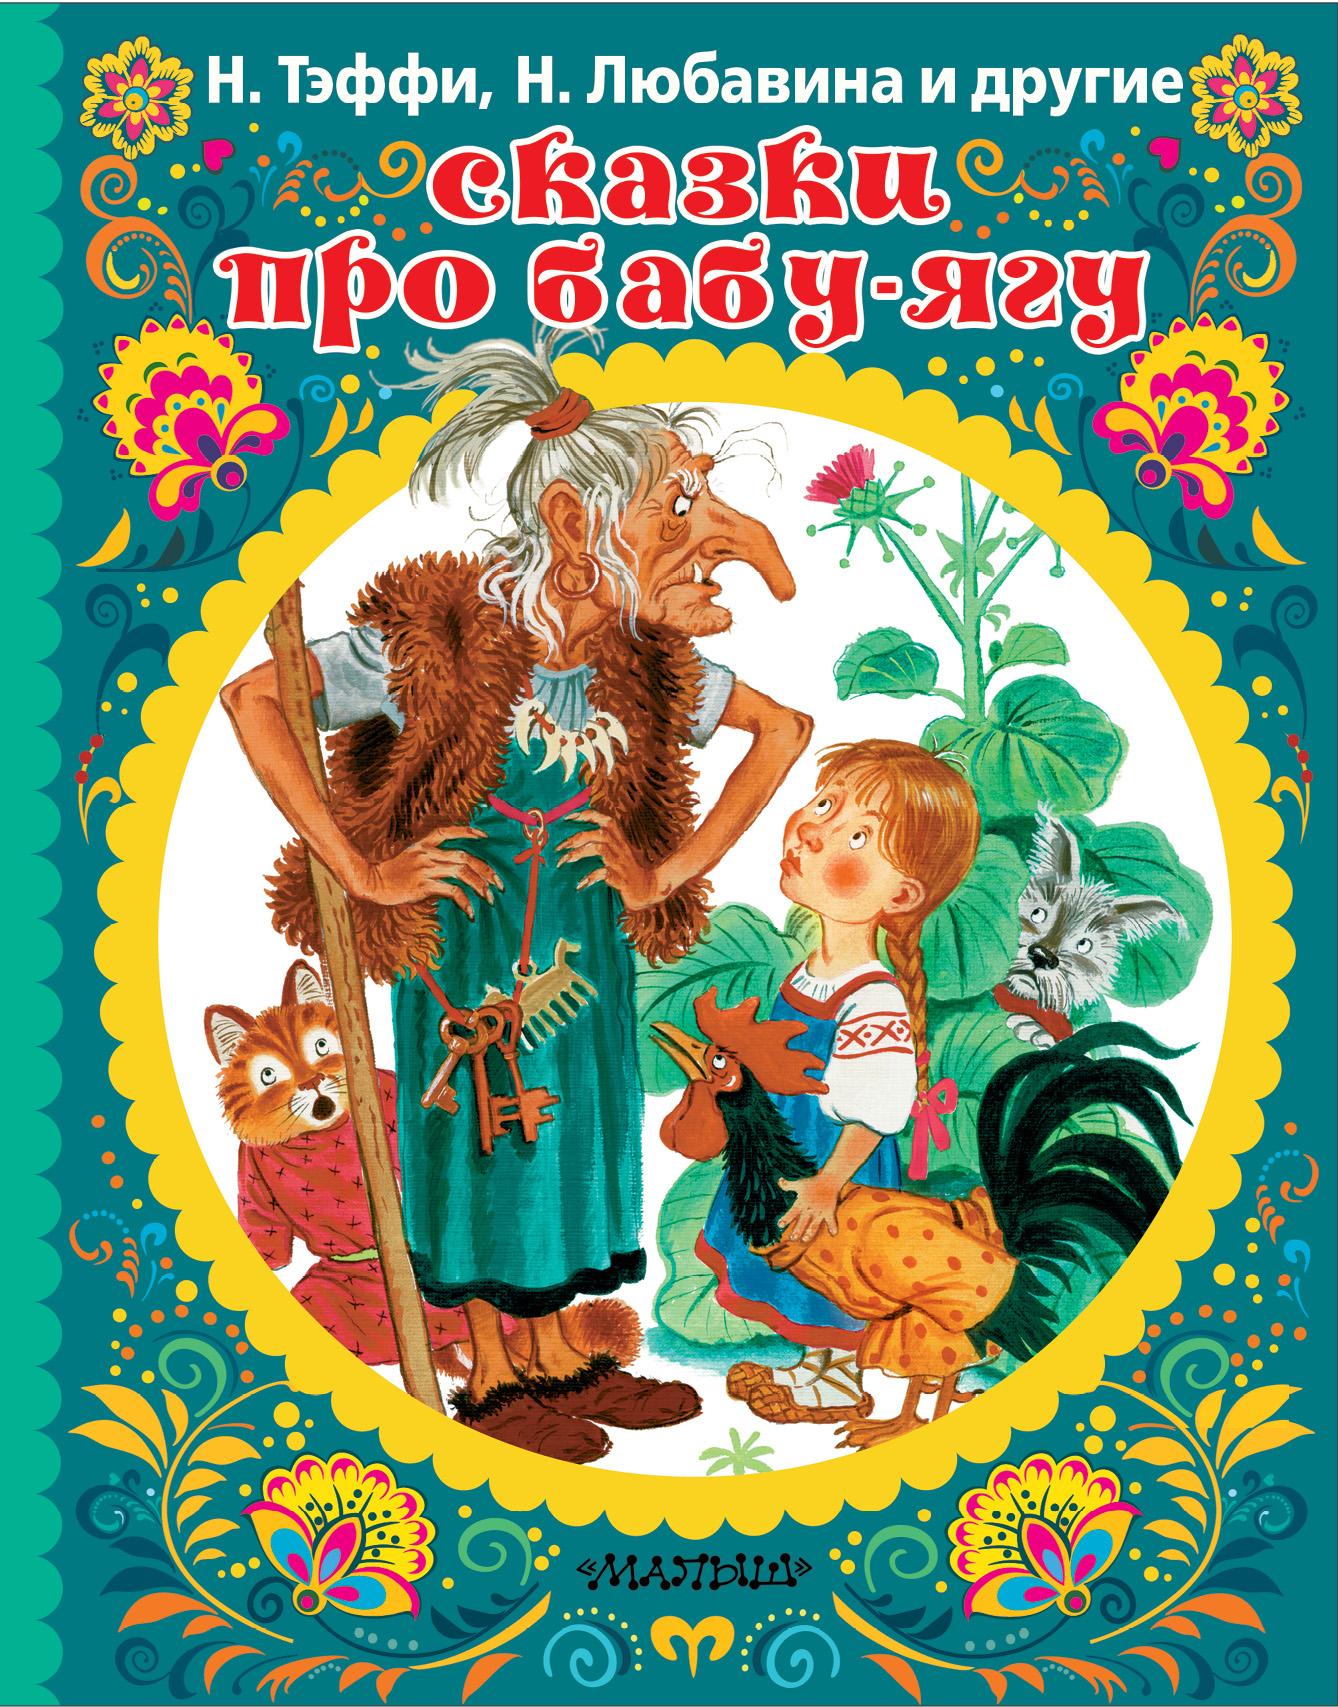 Н. Тэффи, Н. Любавина, П. Сухотин и др. СКАЗКИ ПРО БАБУ-ЯГУ